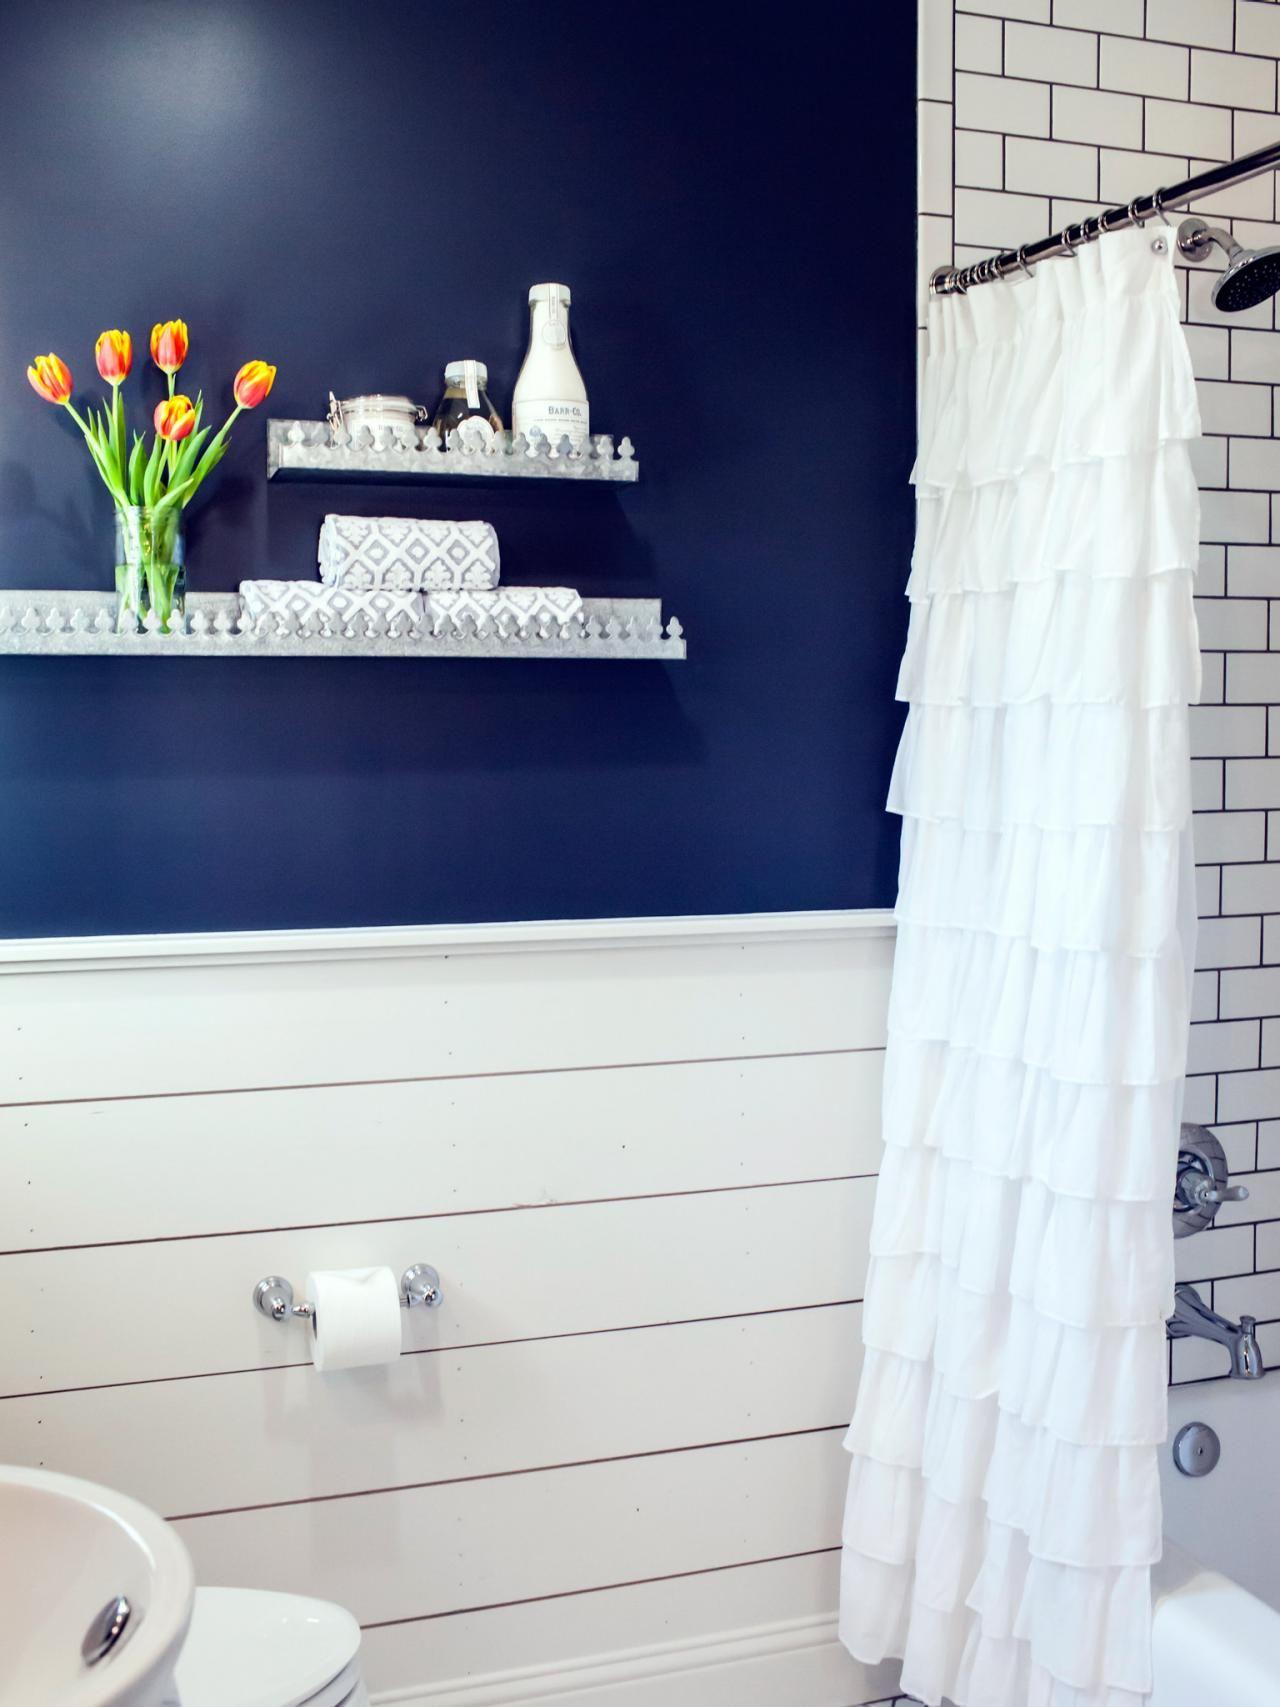 40 Bezaubernd Marine Blau Und Weiß Badezimmer Bild Konzept - Mehr ...